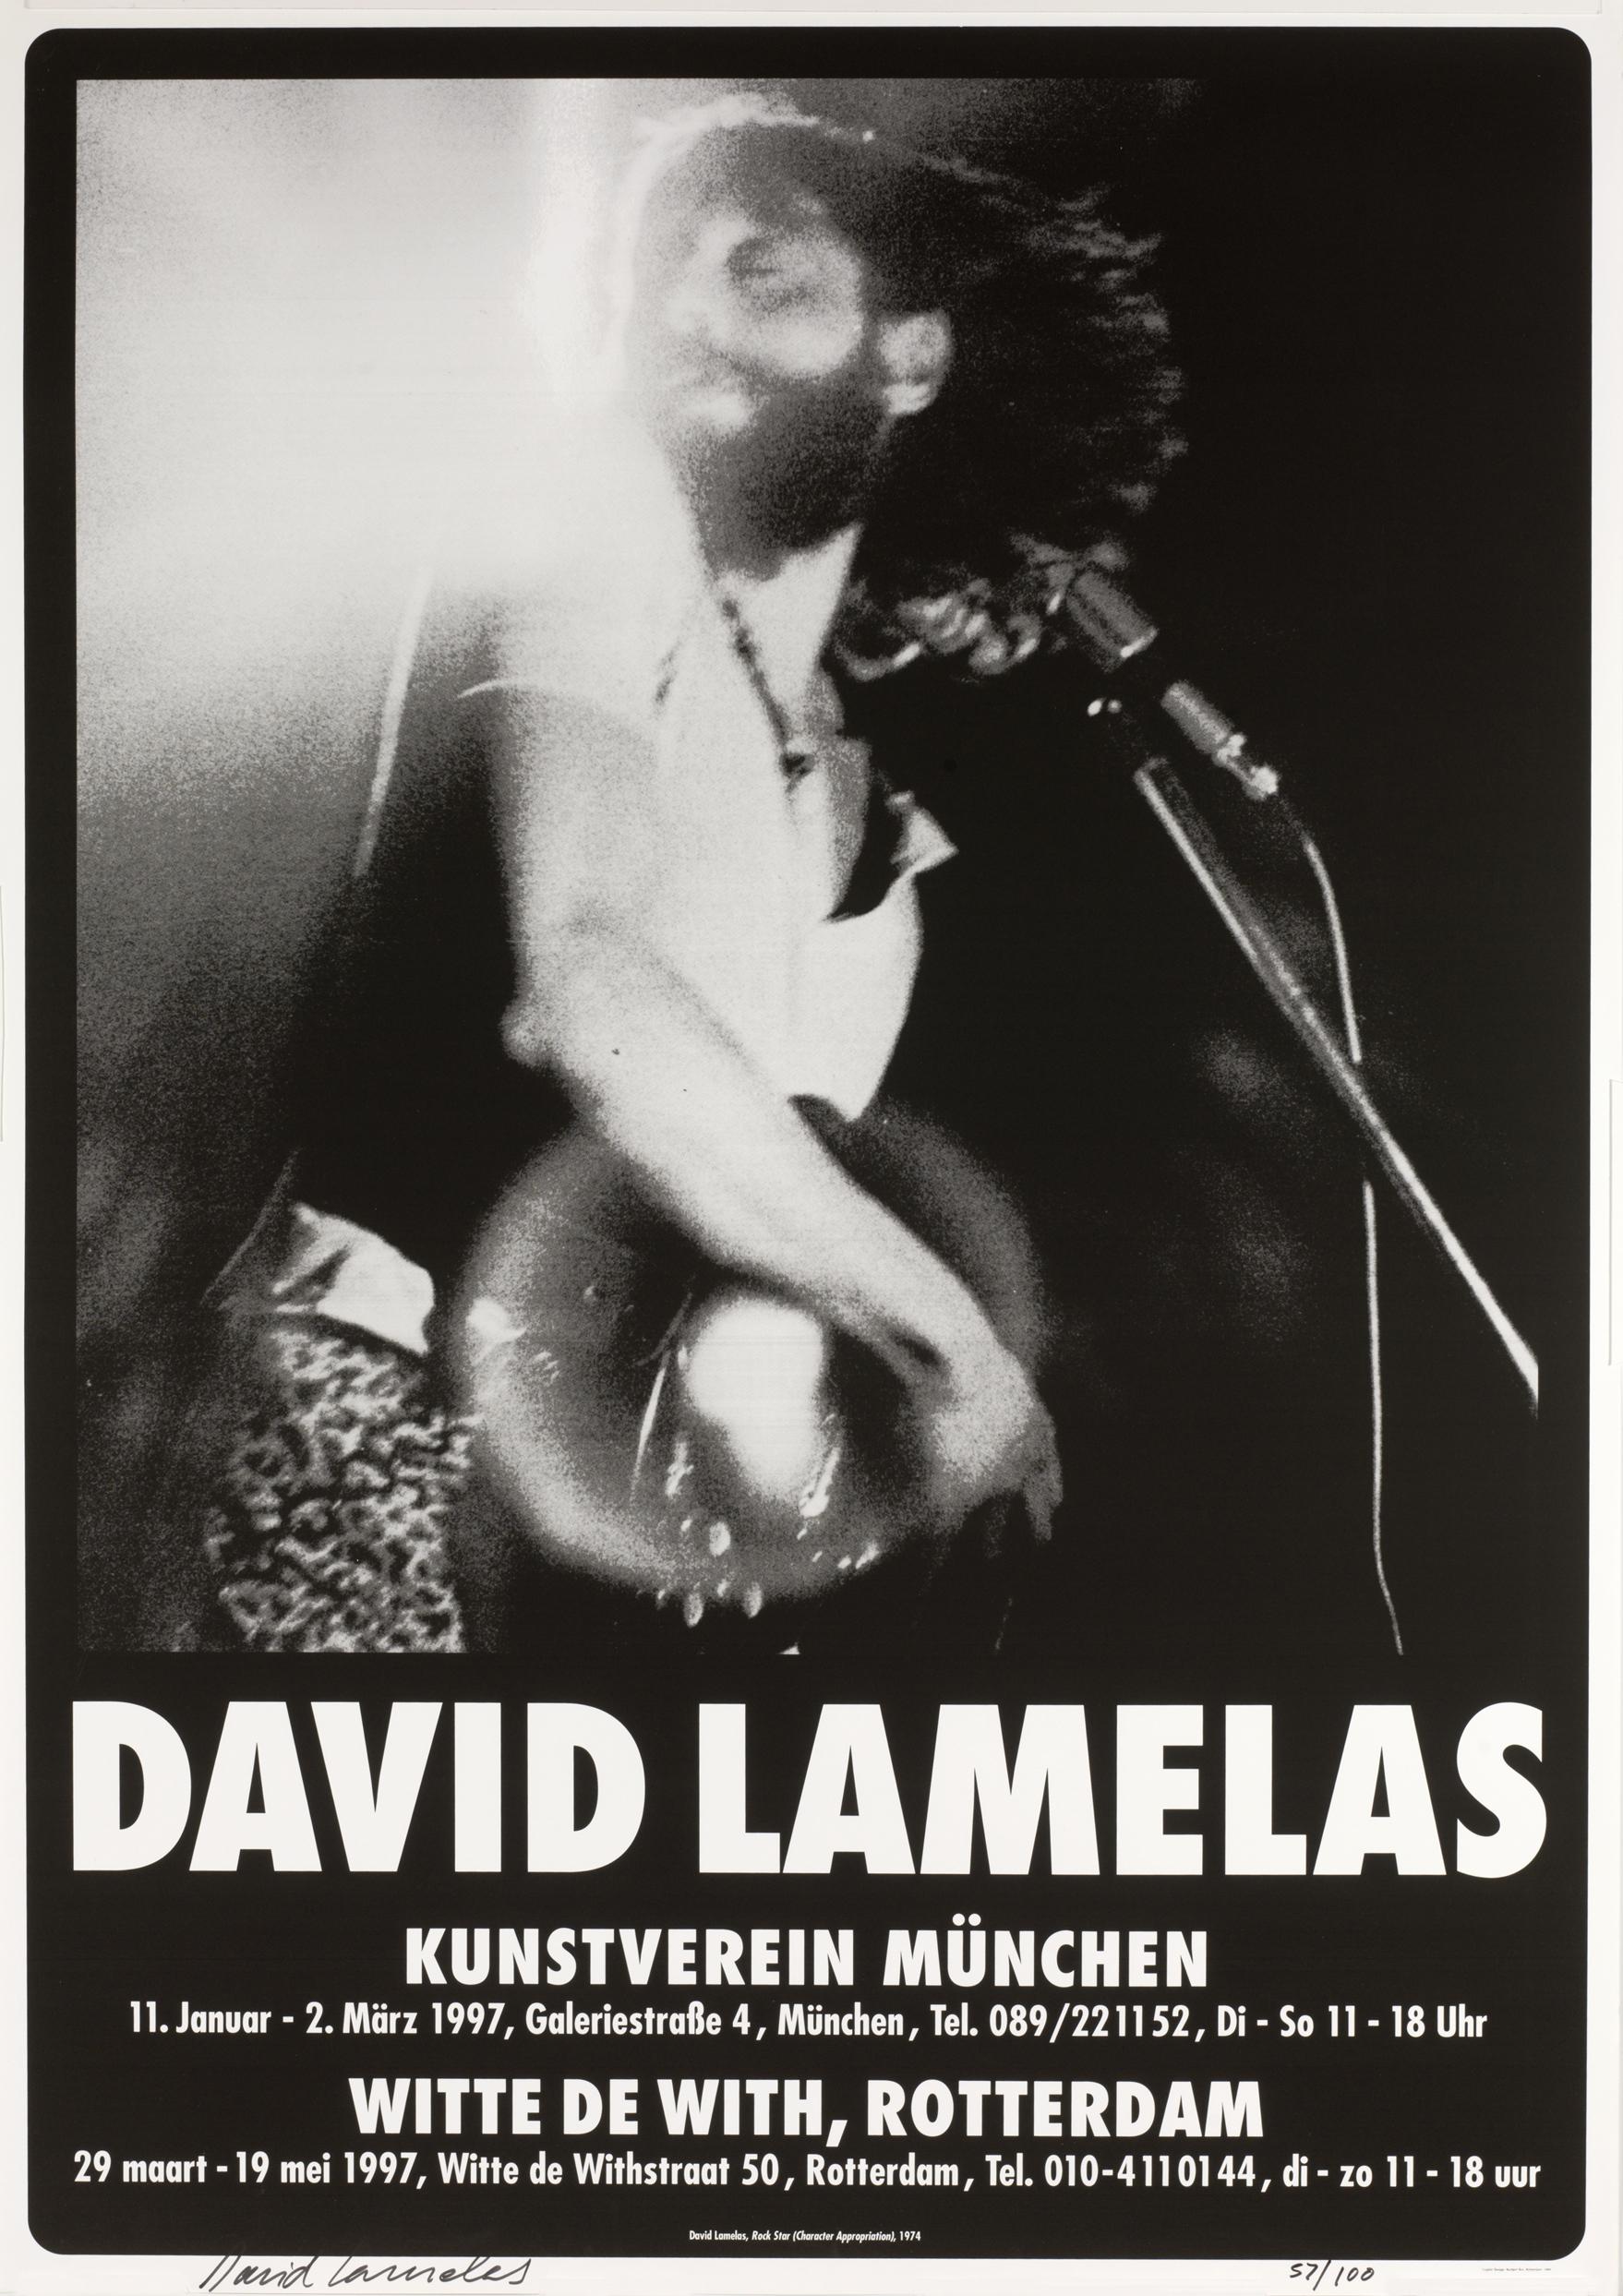 David Lamelas Rockstar Poster